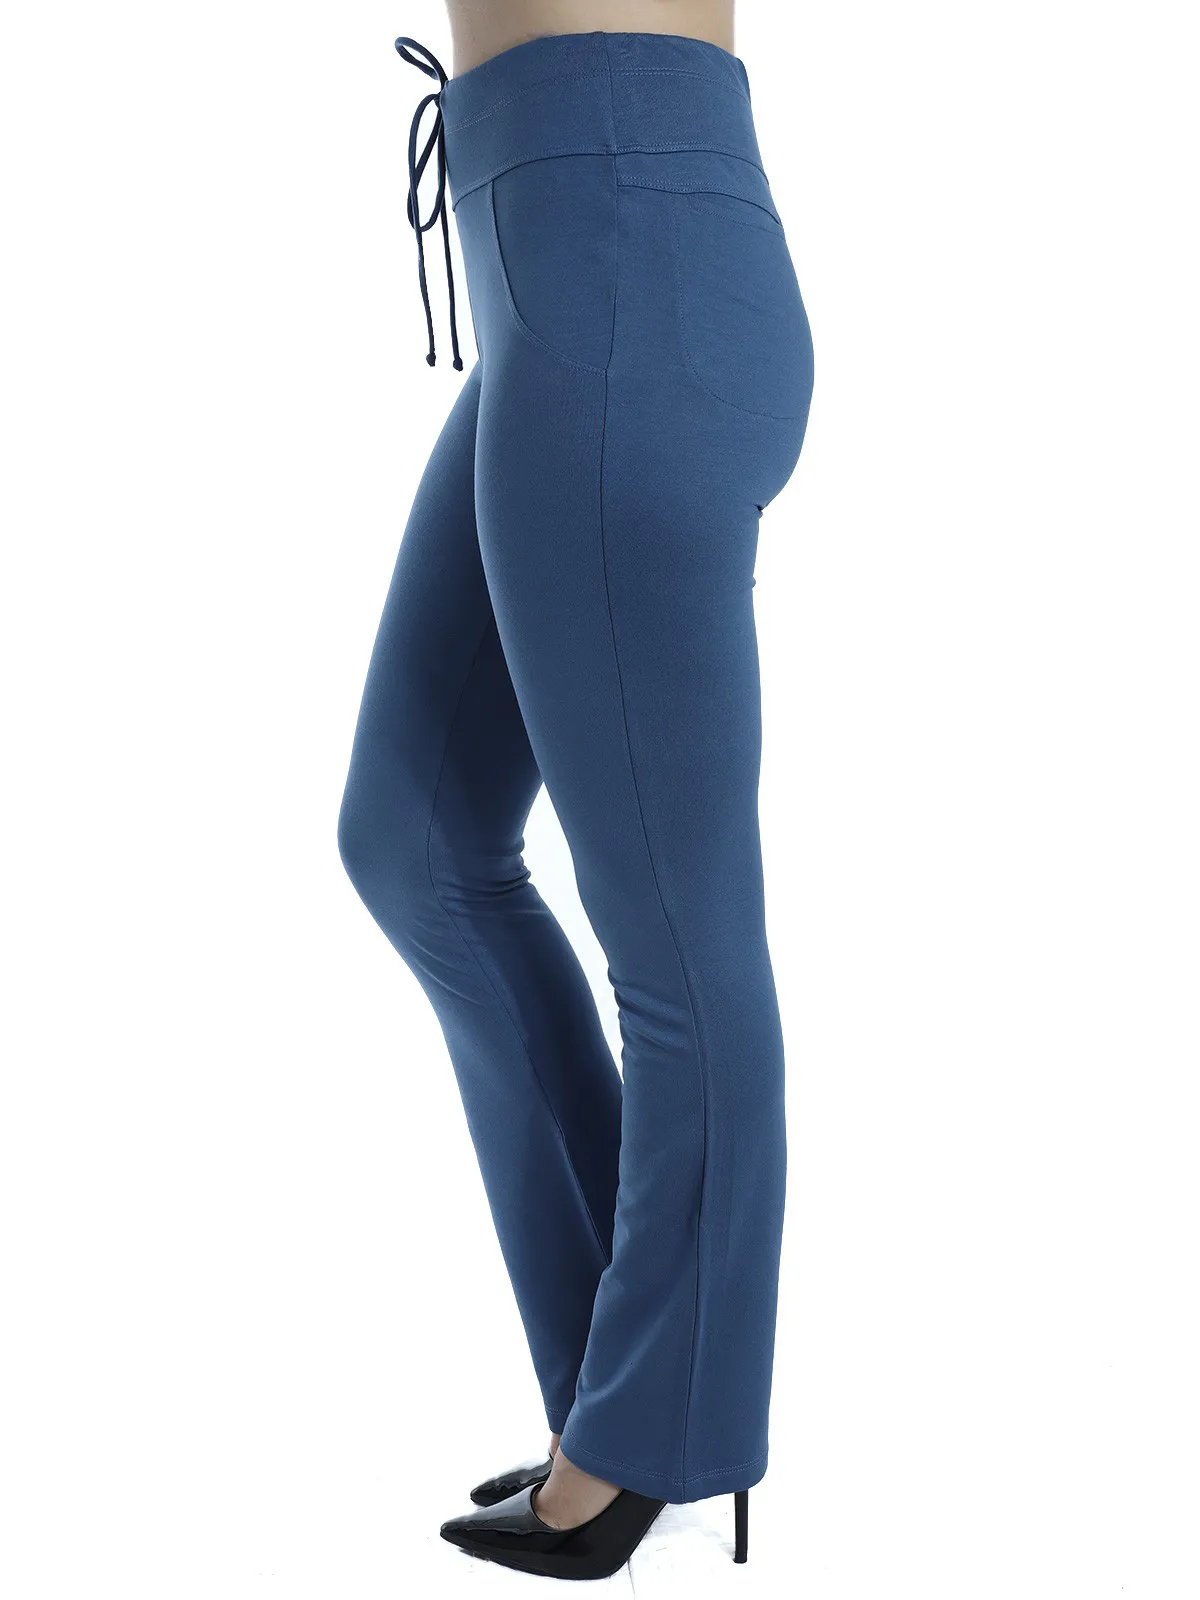 Calça Feminina Reta Moletinho Com Elastano Confort Azul